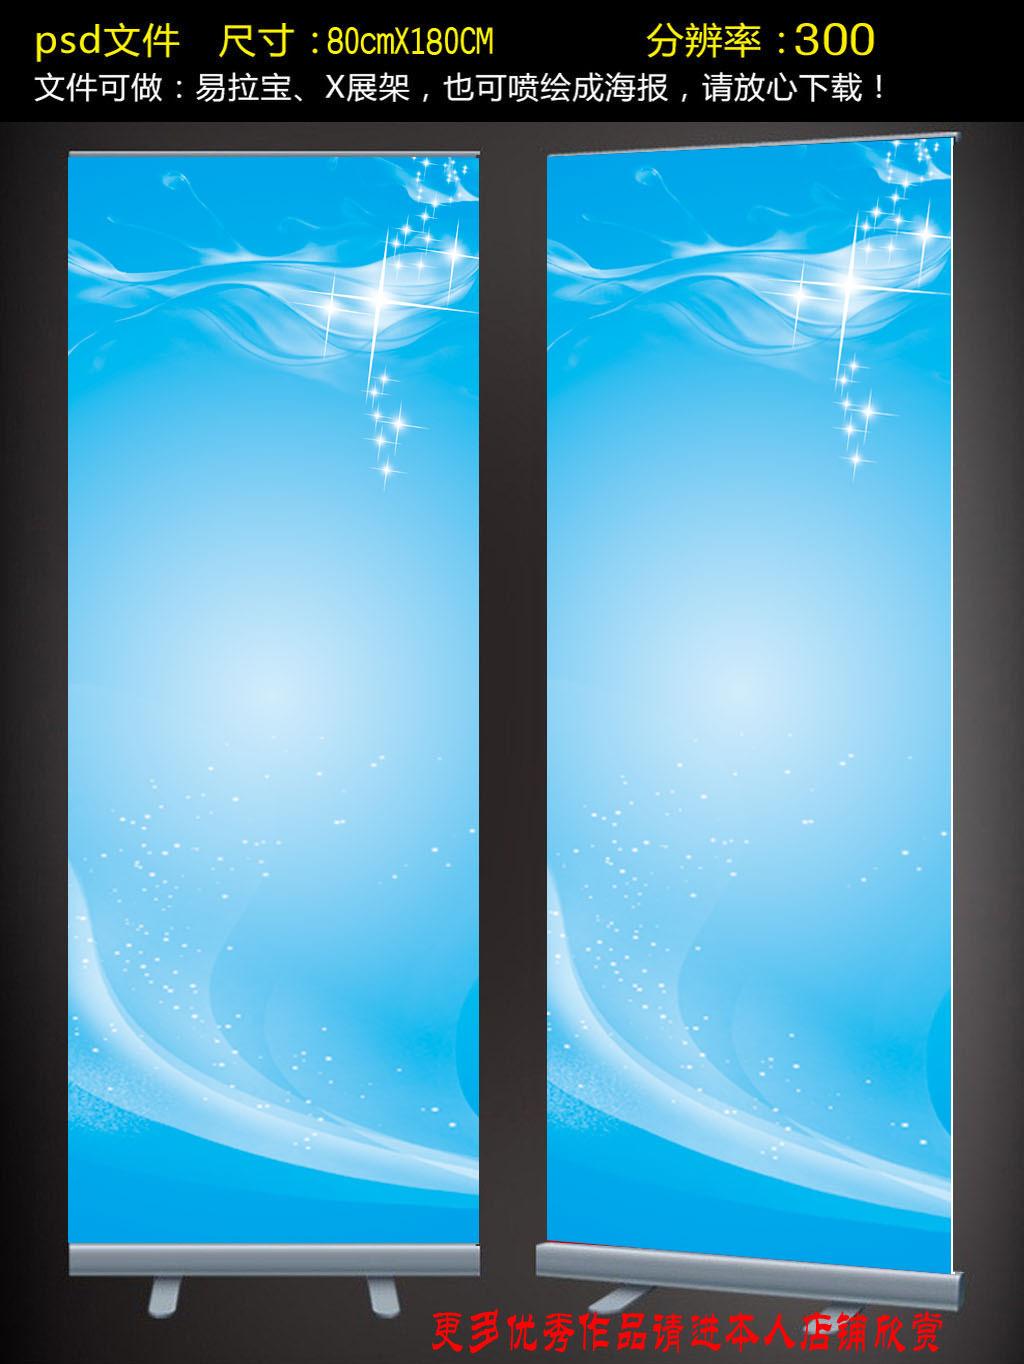 x展架背景模板下载 x展架背景图片下载 活动展架背景设计 展架背景